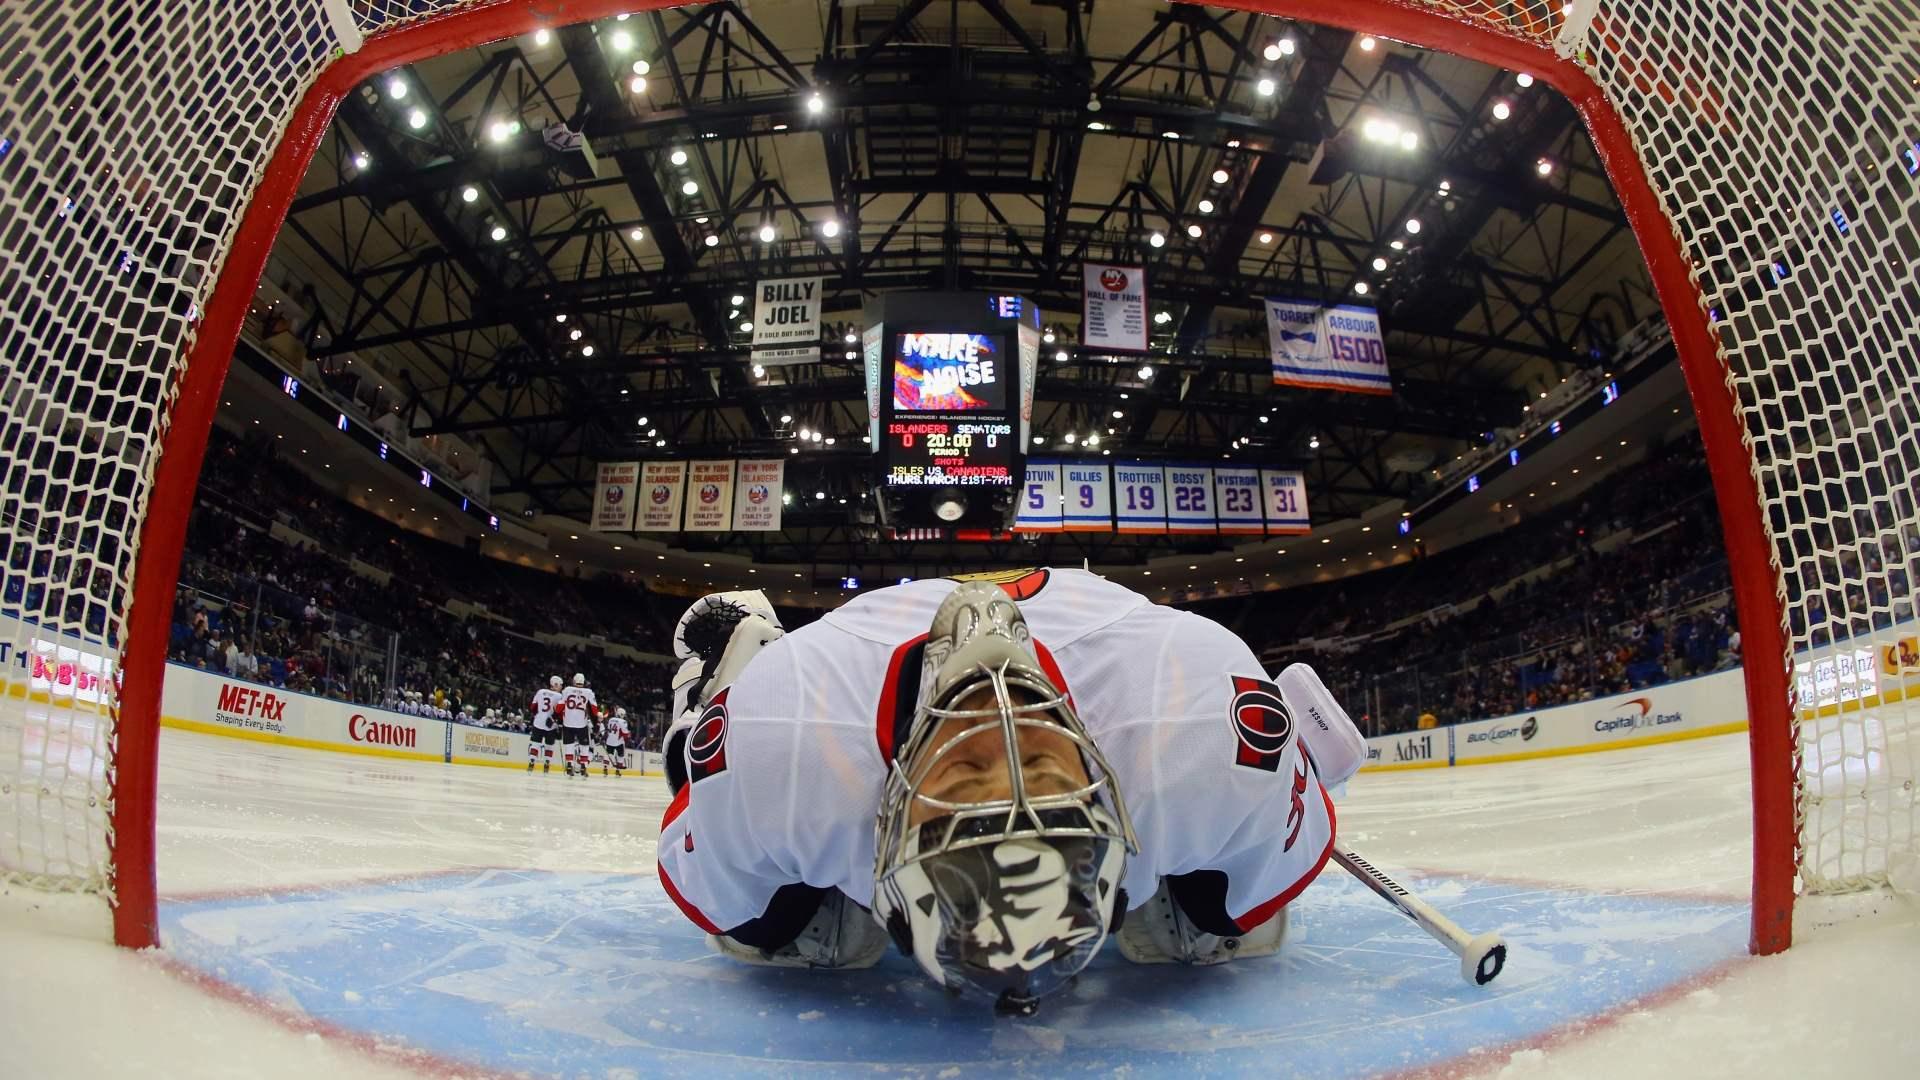 инструкция по ставкам на хоккей